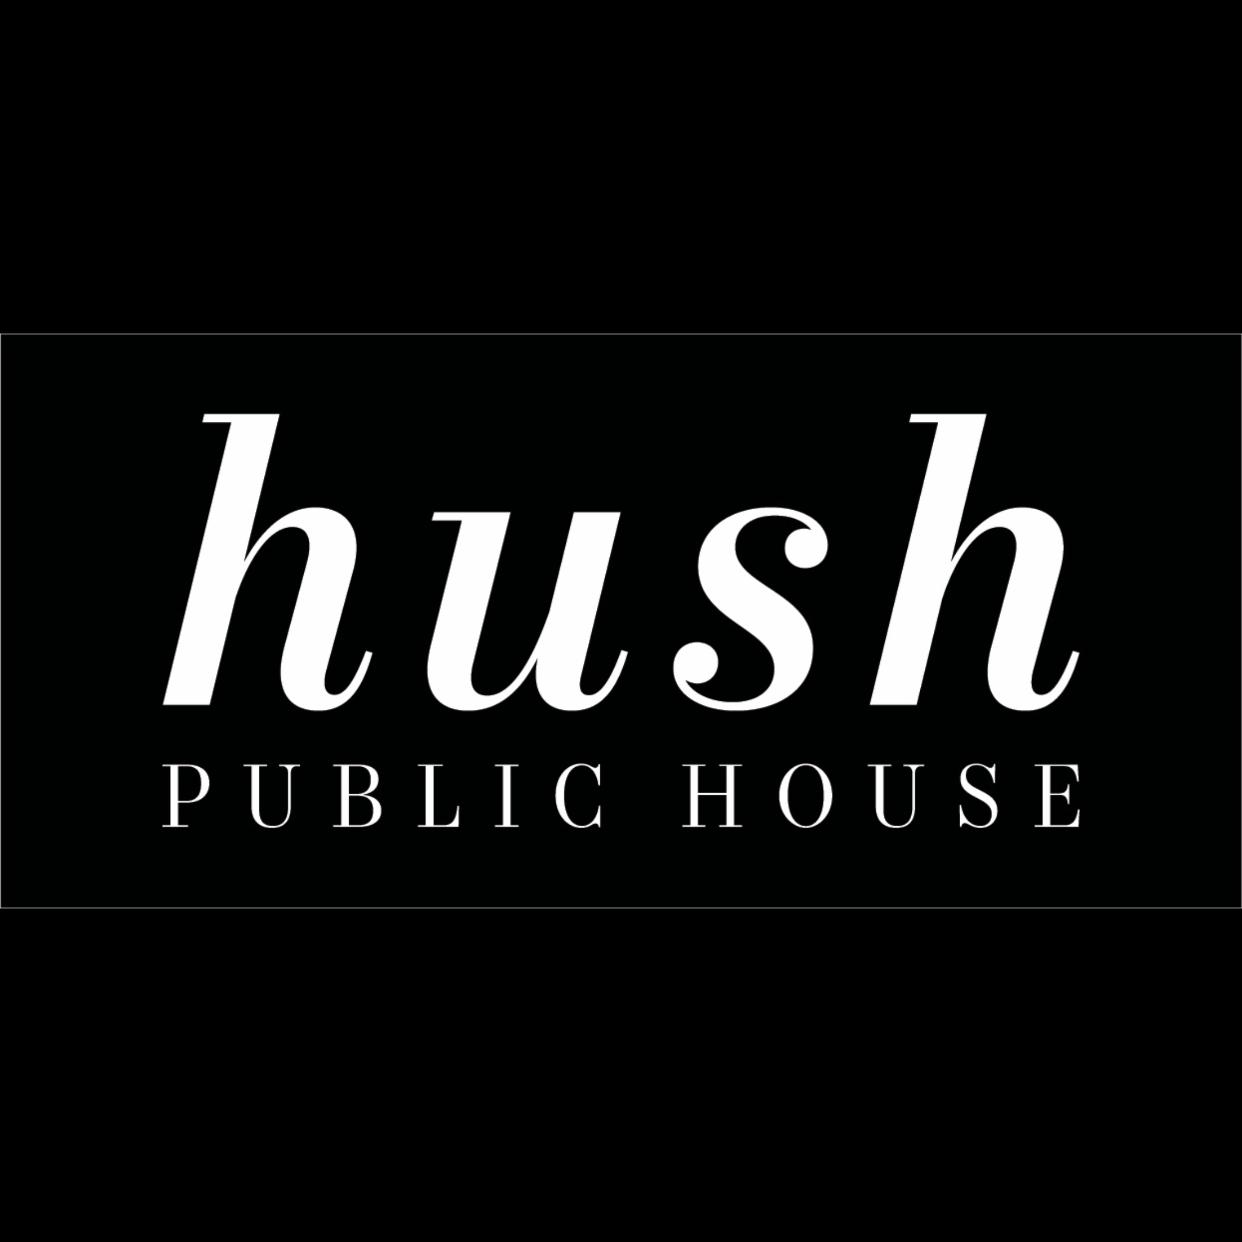 Hush Public House